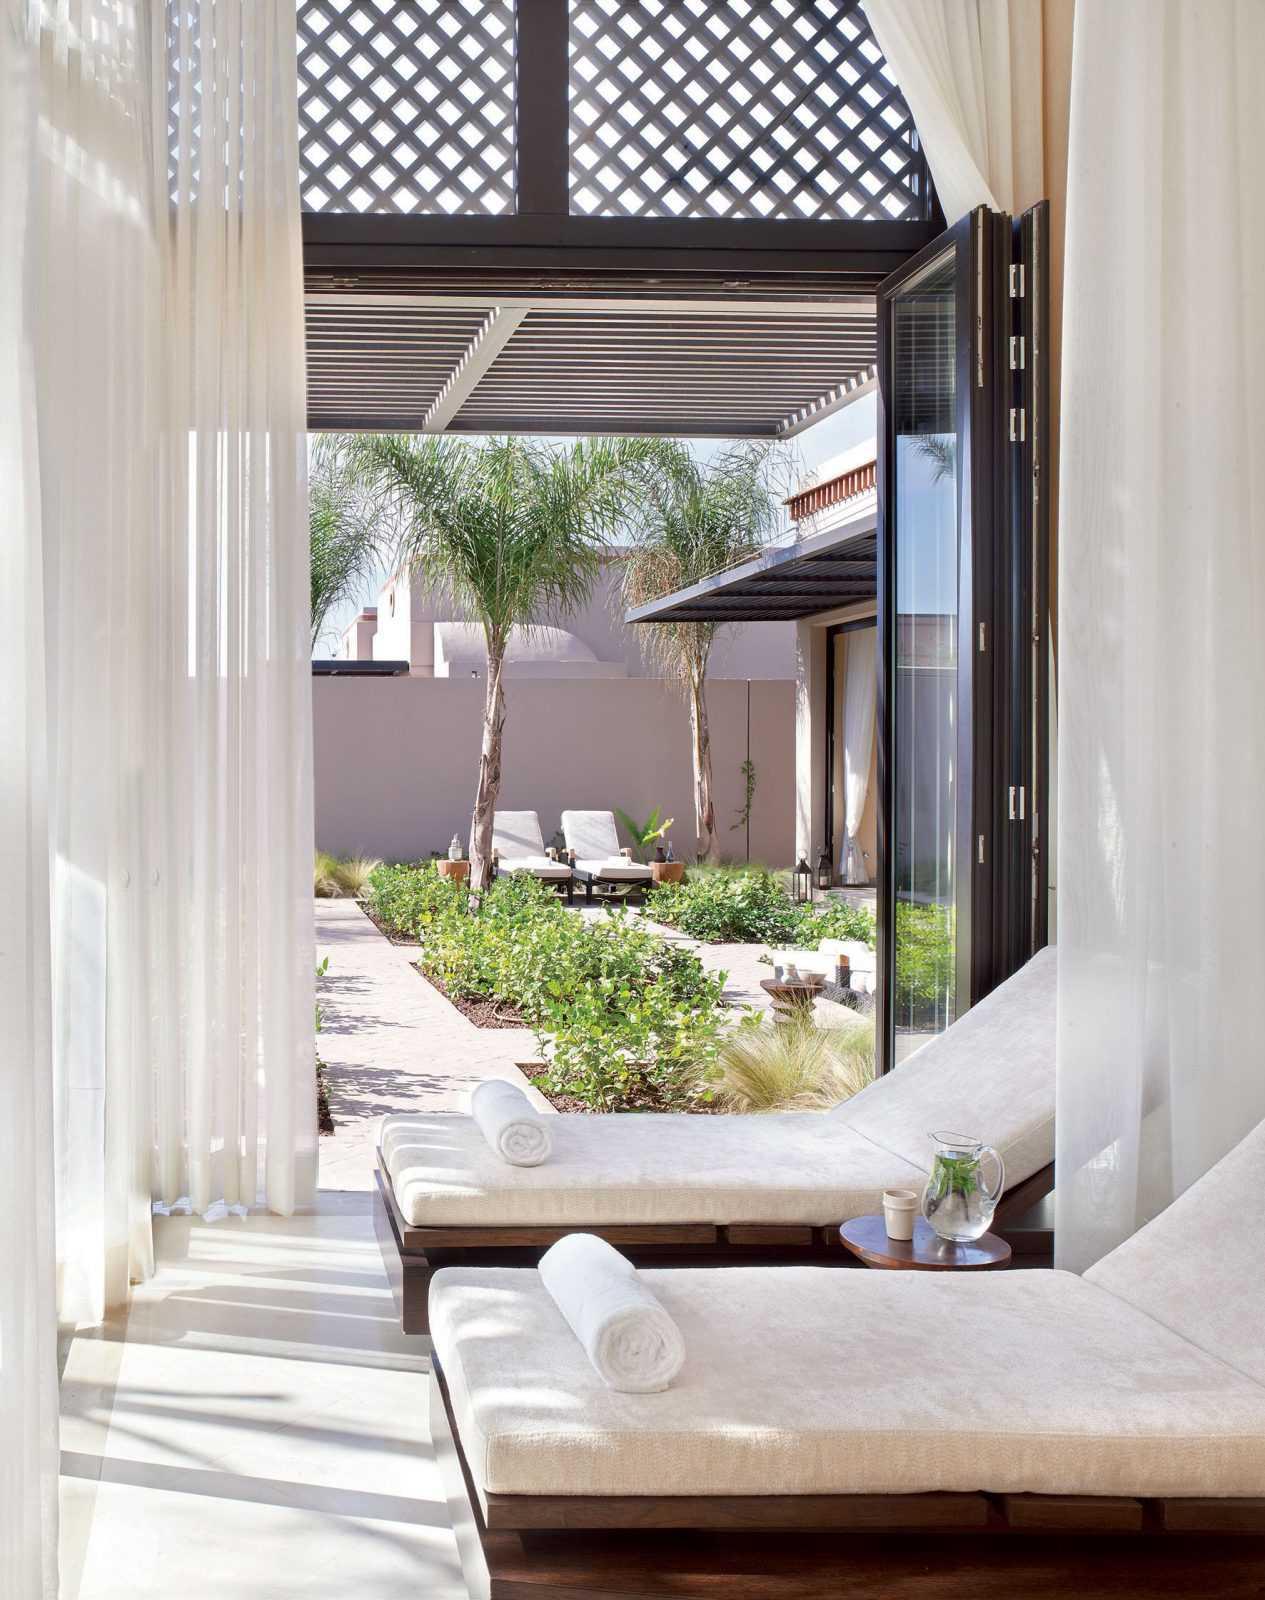 Luxe, calme et bien-être au spa du Four Seasons